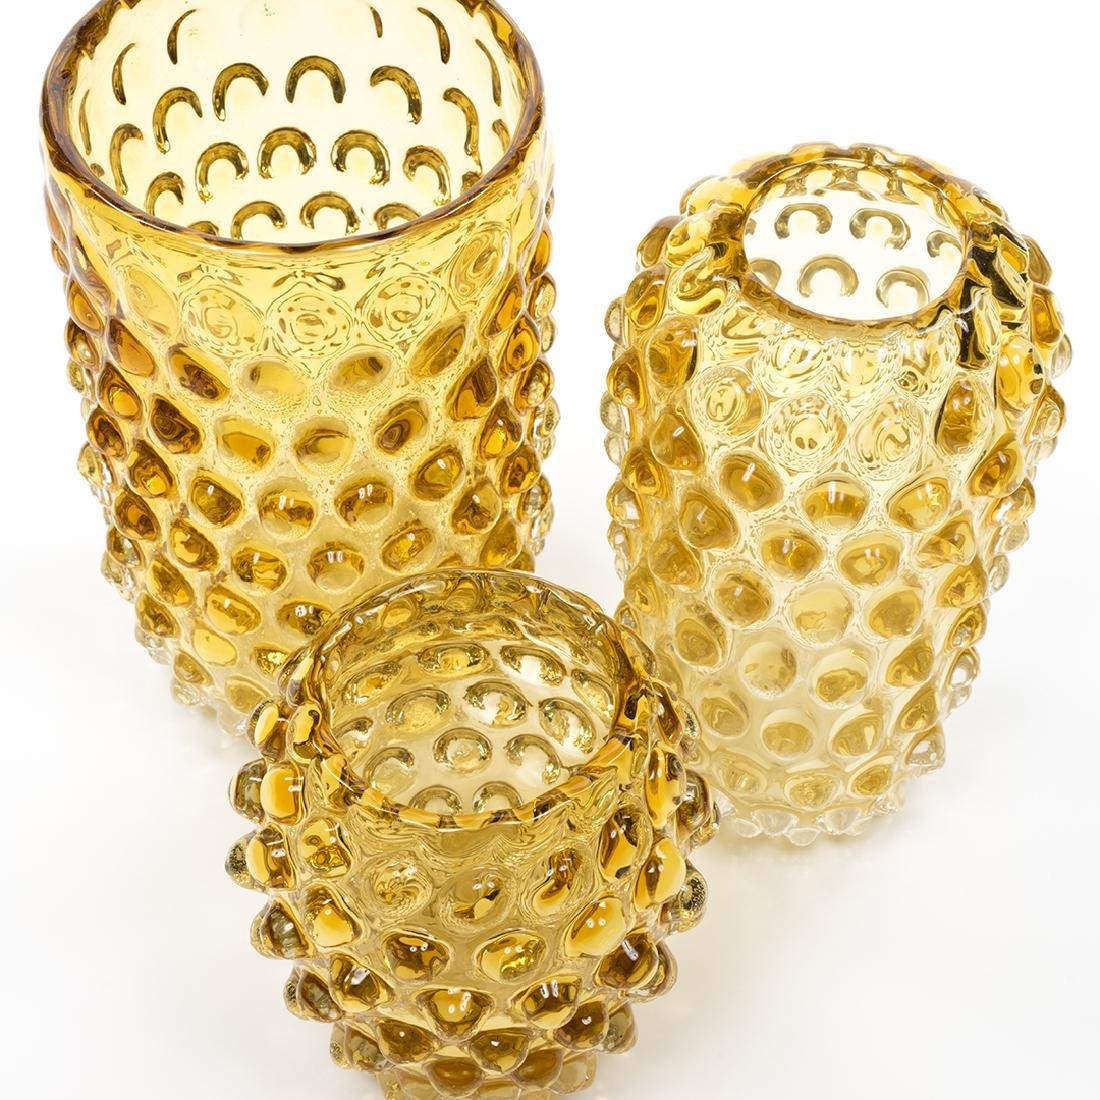 Murano Glass Amber Vases (3) - 3